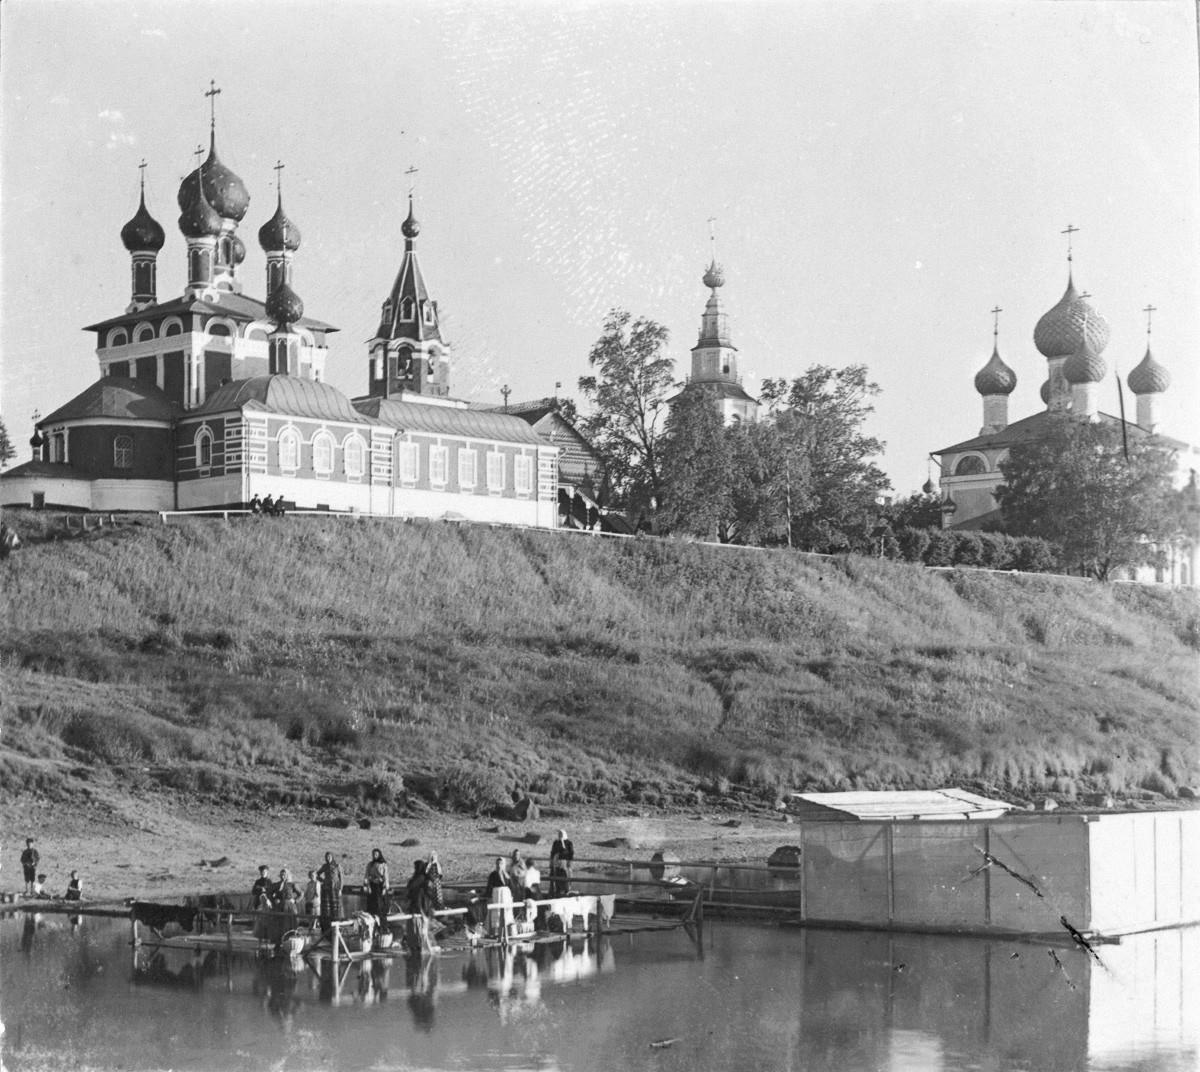 Chiesa dello Zarevic Dmitrij. Vista nord-est dal fiume Volga. Primo piano: donne che lavano i panni nel fiume Volga. A destra: Cattedrale della Trasfigurazione. Fine estate 1910